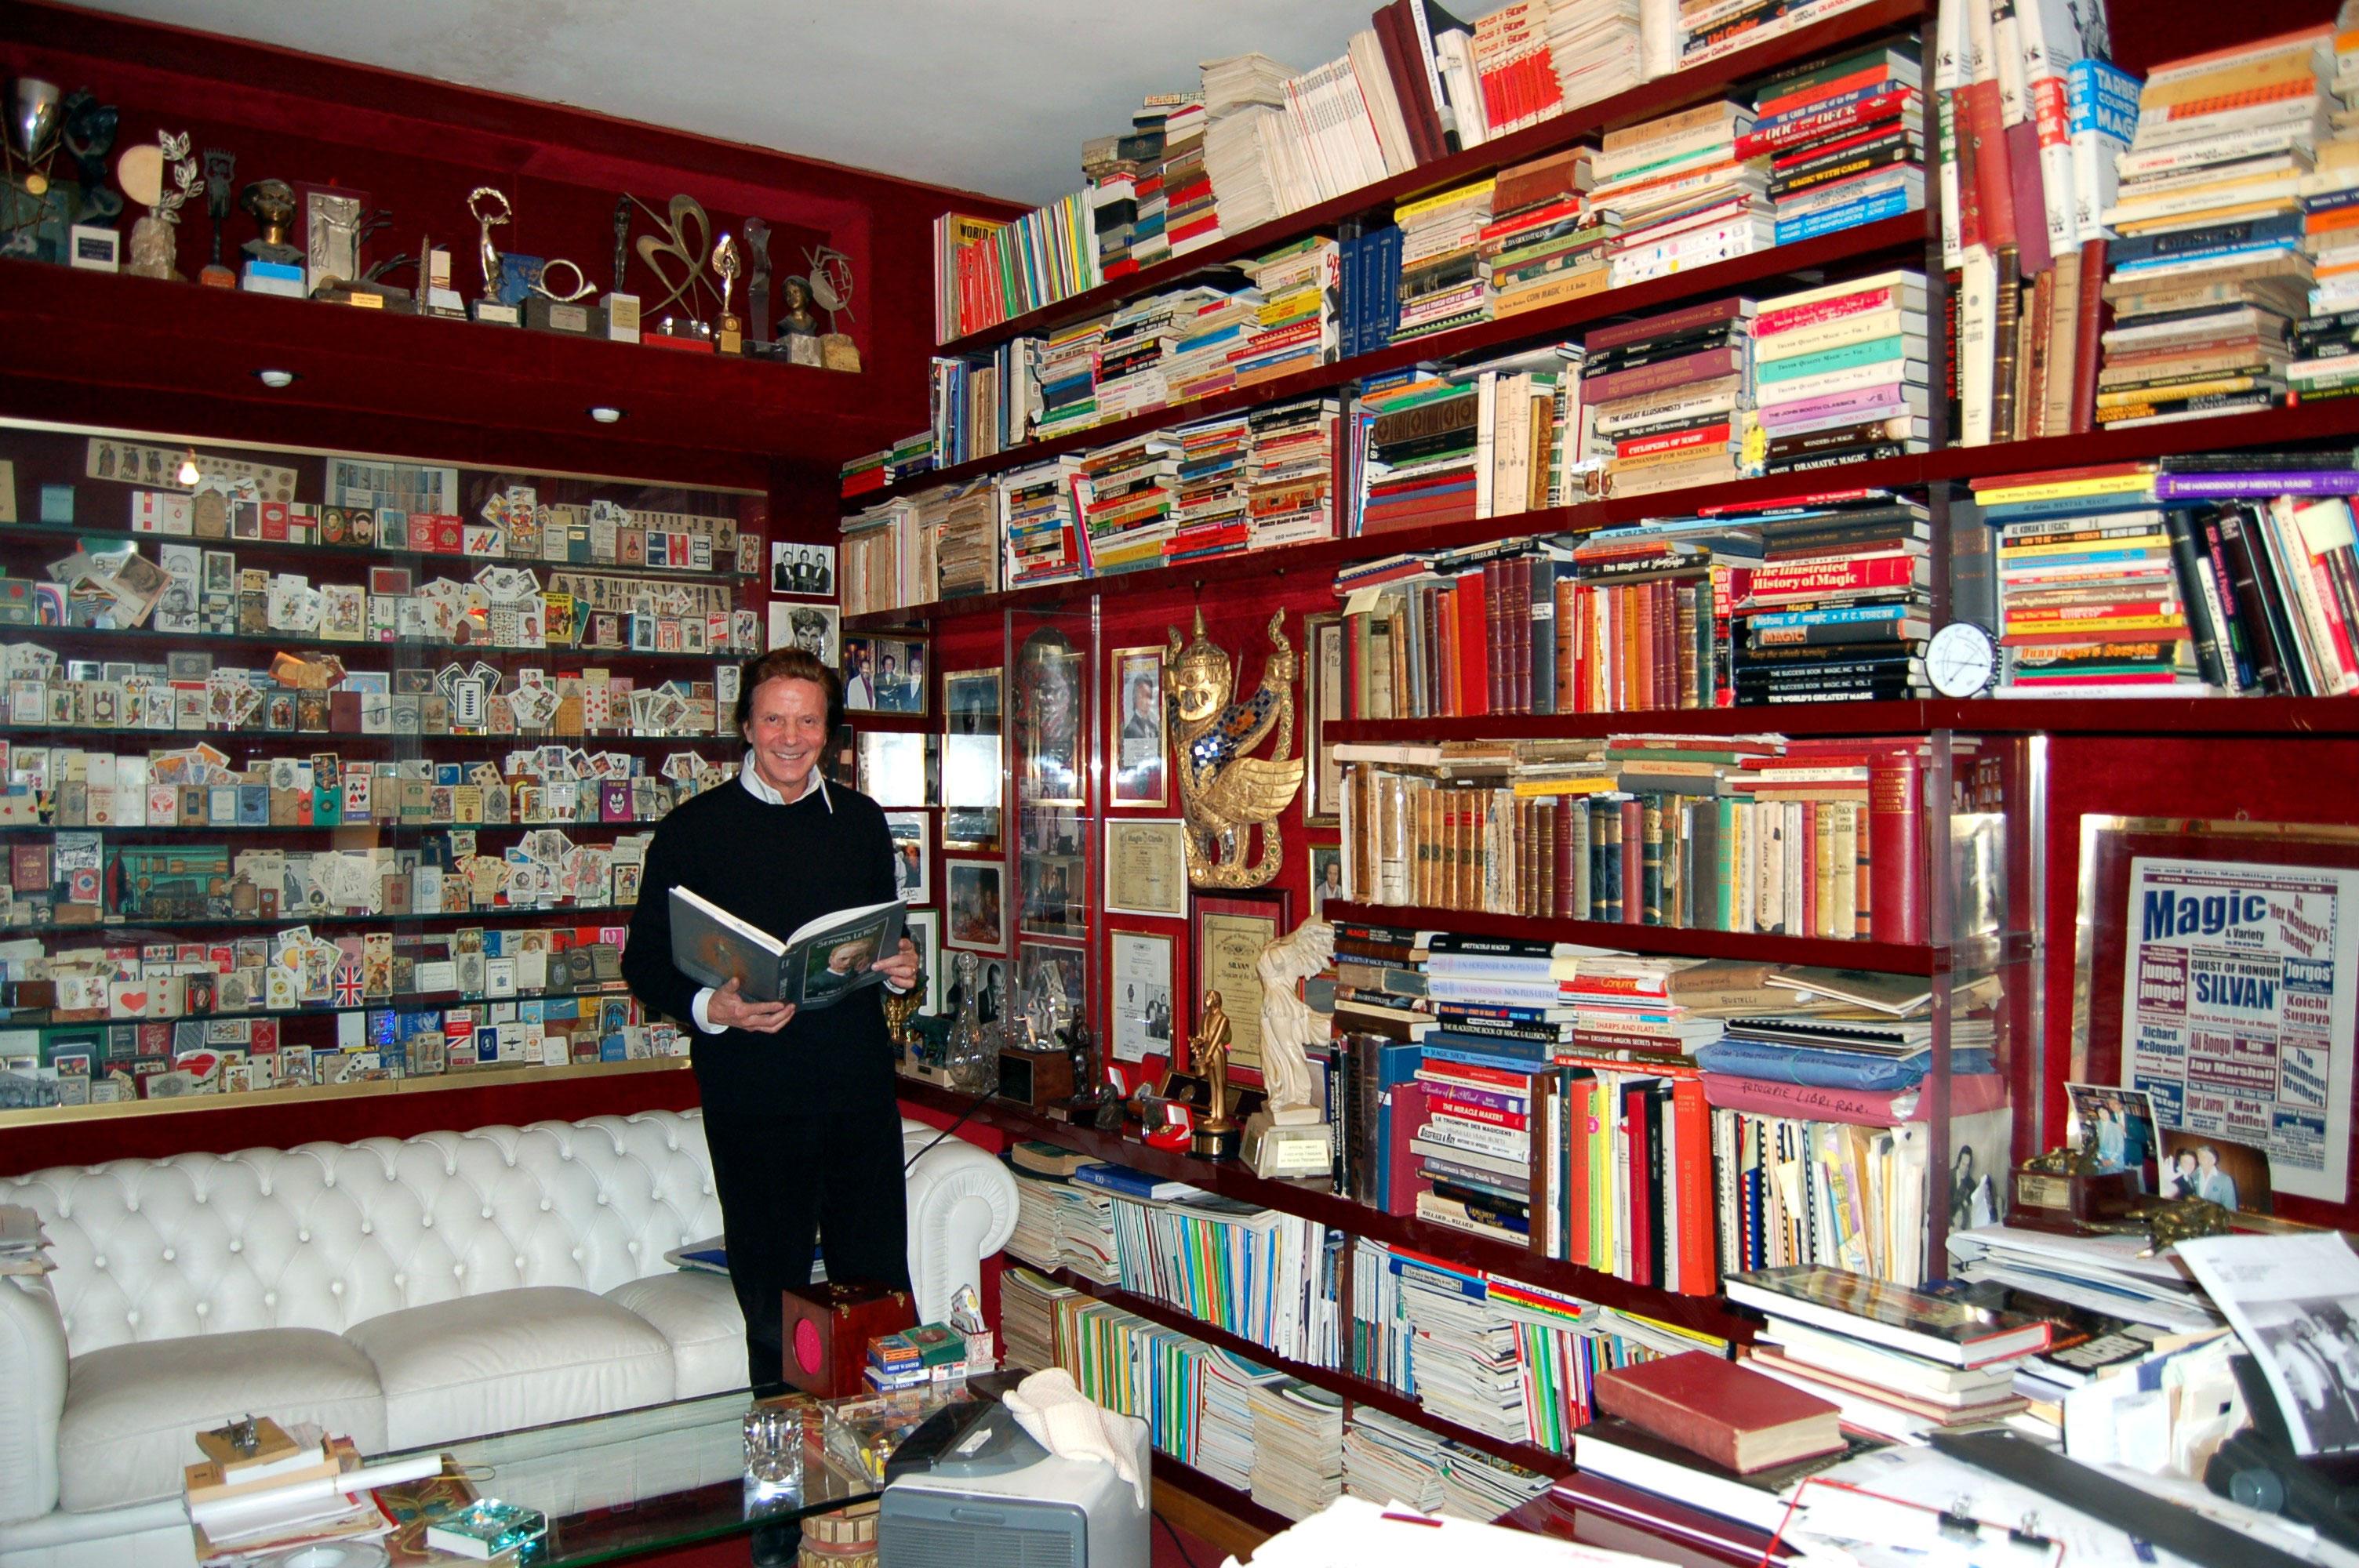 Silvan  e la sua biblioteca di testi sulla magia